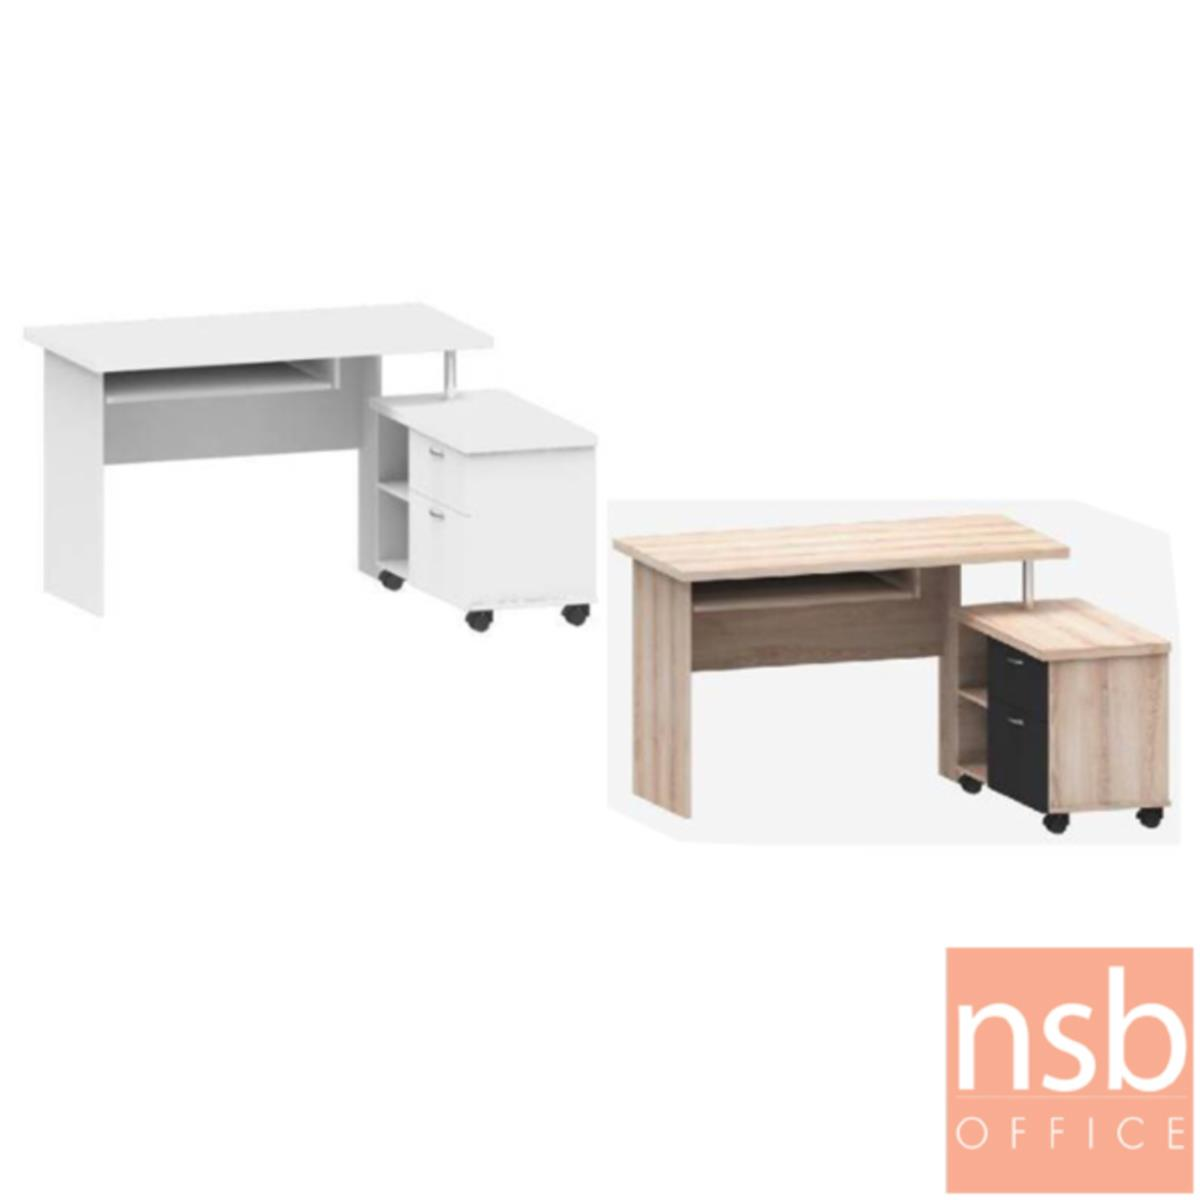 A12A071:โต๊ะคอมพิวเตอร์ตู้ข้าง 2 ลิ้นชัก 2 ช่องโล่ง  รุ่น Pamela (พาเมลา) ขนาด 120W cm.